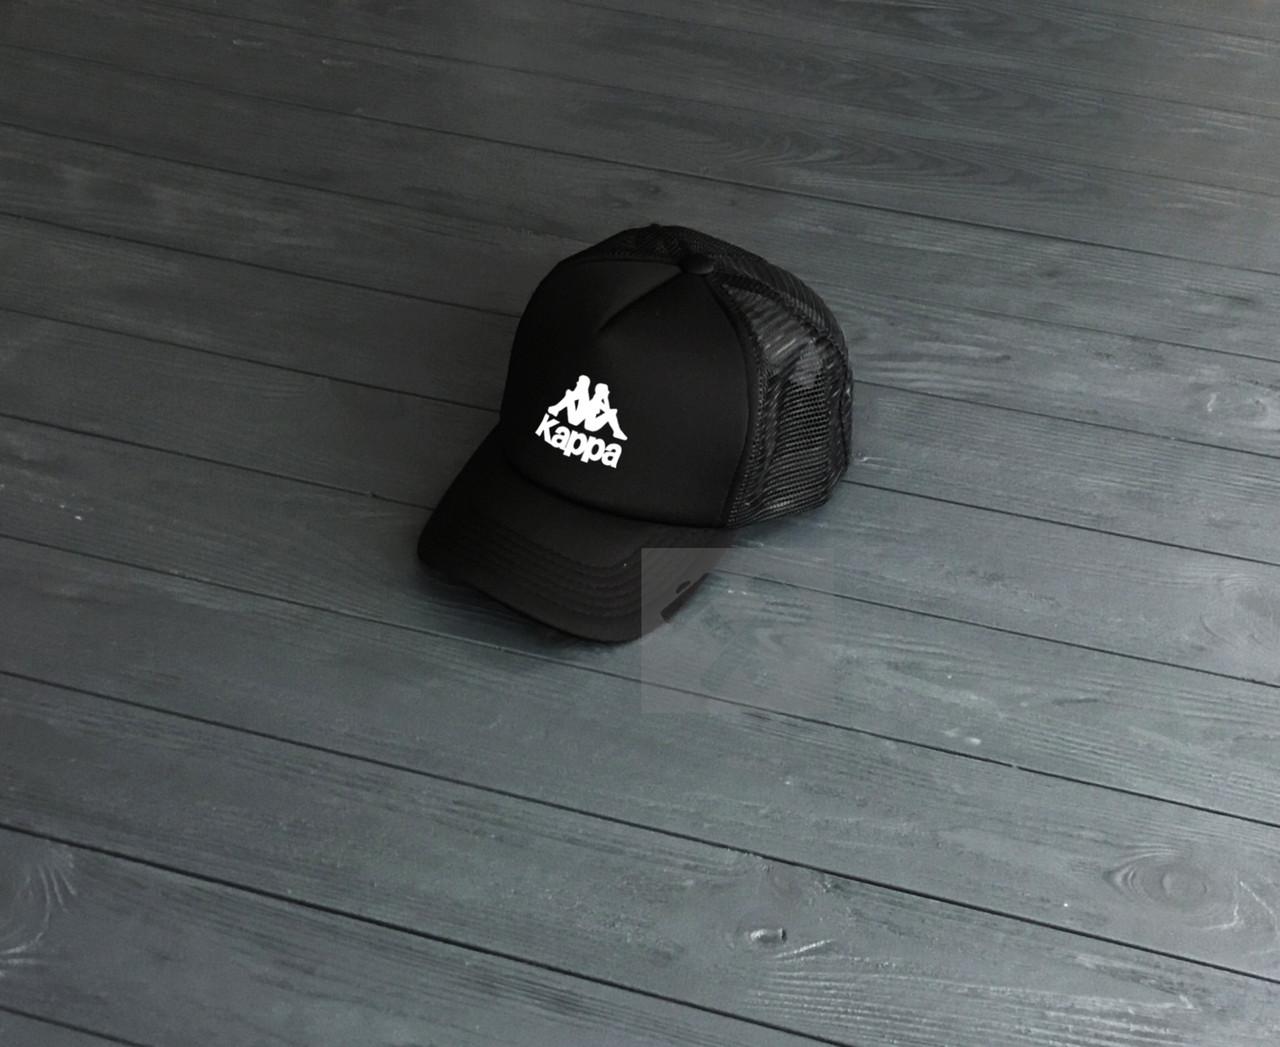 5a0c40a3d07b Кепка Тракер Kappa черного цвета - Интернет-магазин спортивной обуви и  одежды Sport House в